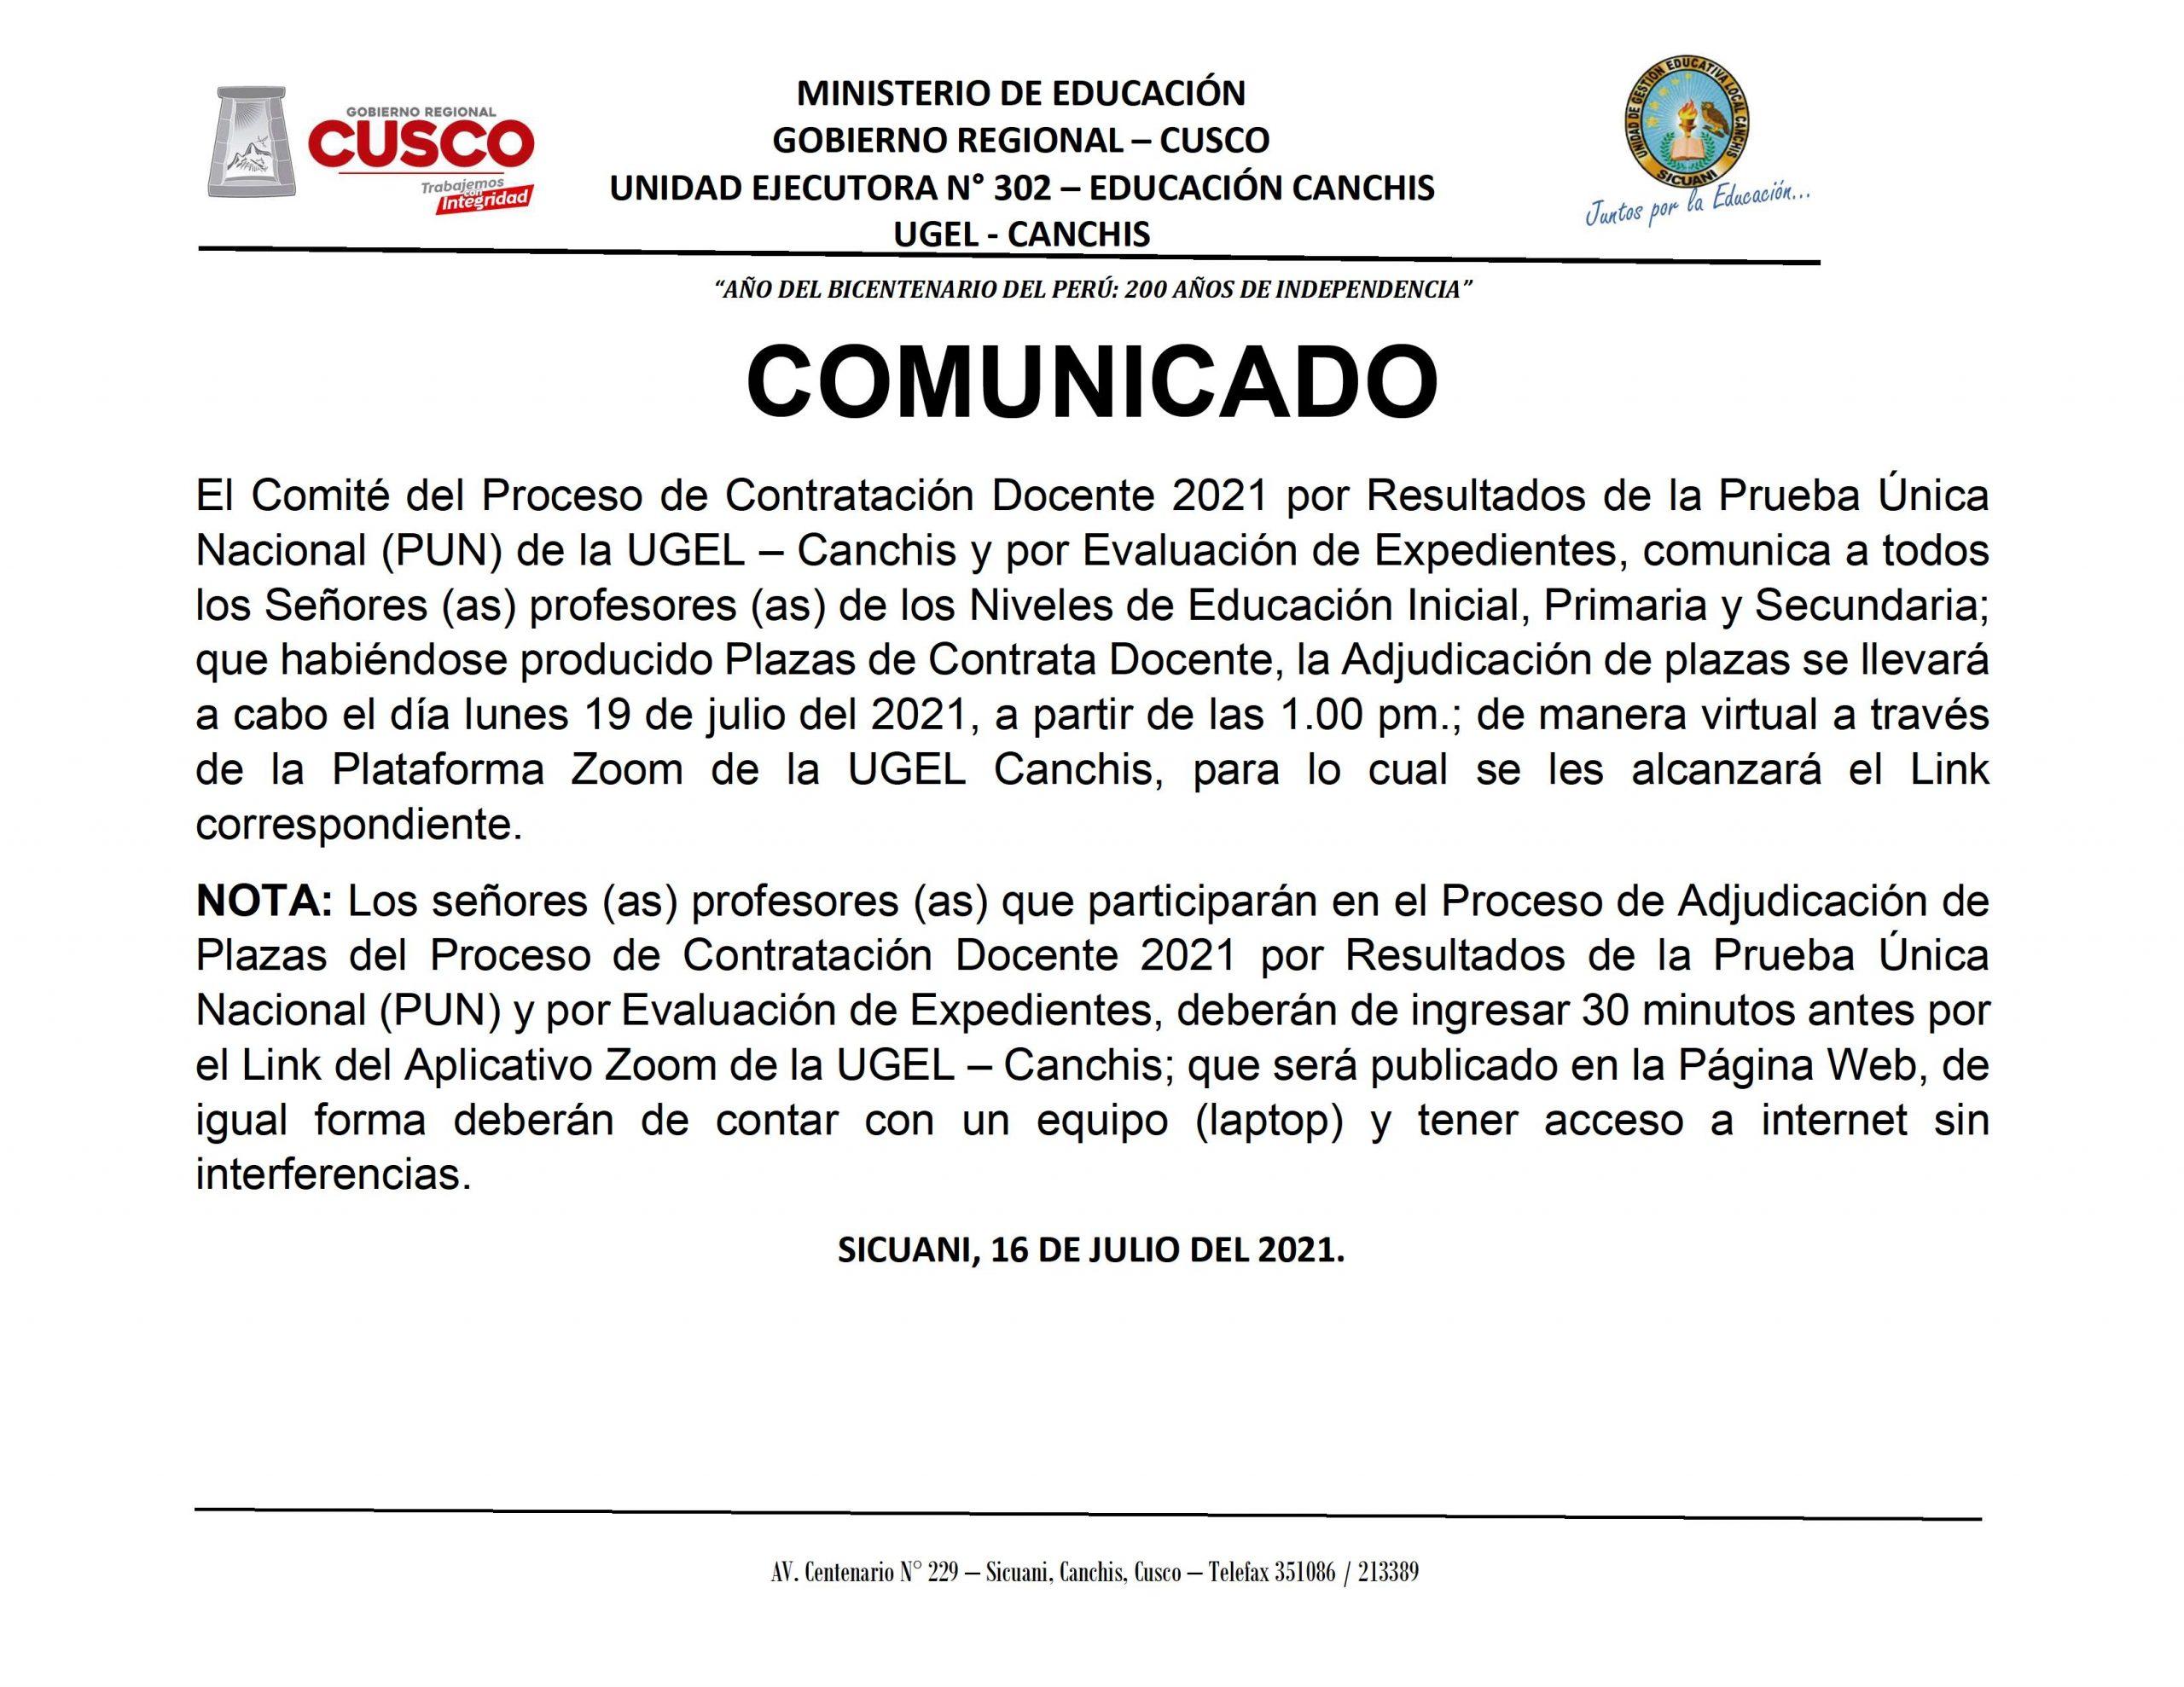 COMUNICADO – Proceso de Contratación Docente 2021 por Resultados de la Prueba Única Nacional (PUN) de la UGEL – Canchis y por Evaluación de Expedientes.